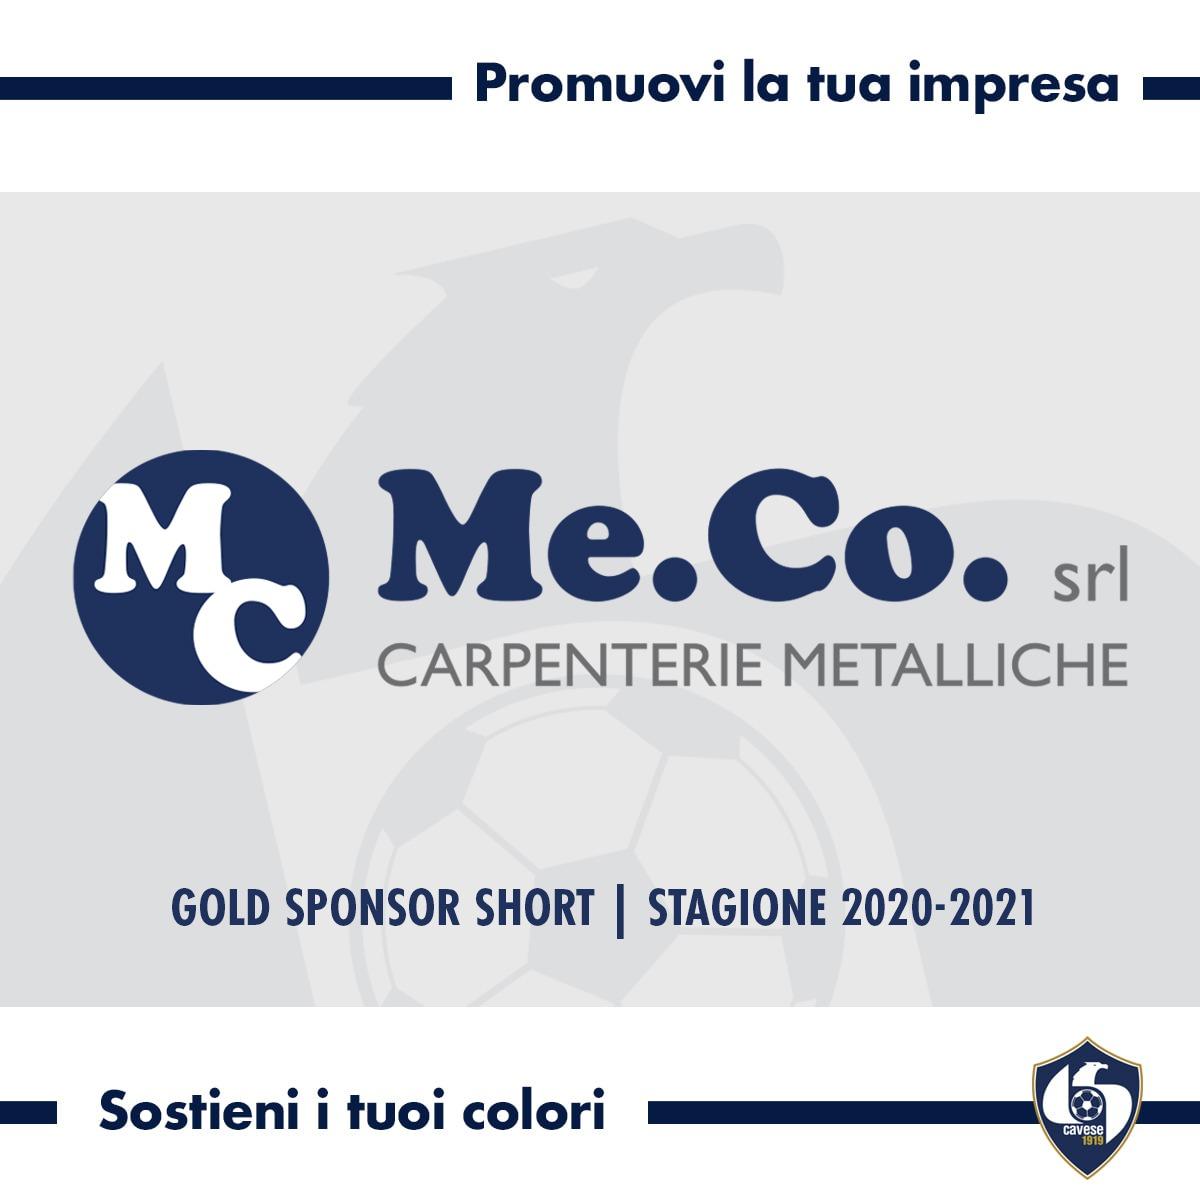 #MeCoSrl Gold Sponsor Short della Cavese 1919